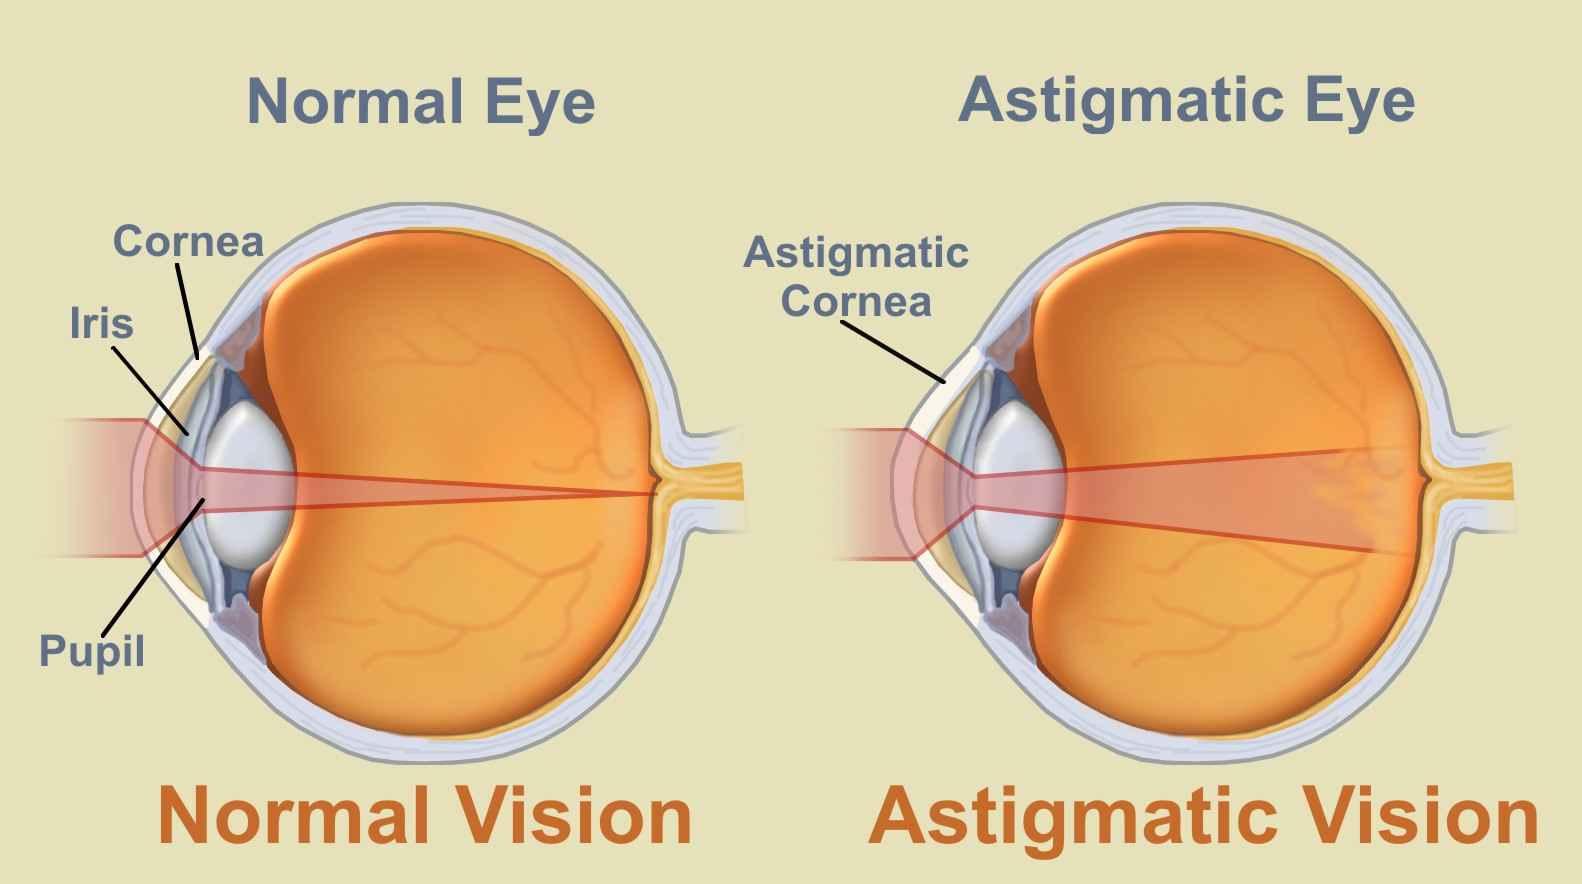 A szem-asztigmatizmus típusai: jellemzők, diagnózis, korrekció és kezelés - Látvány - 2020